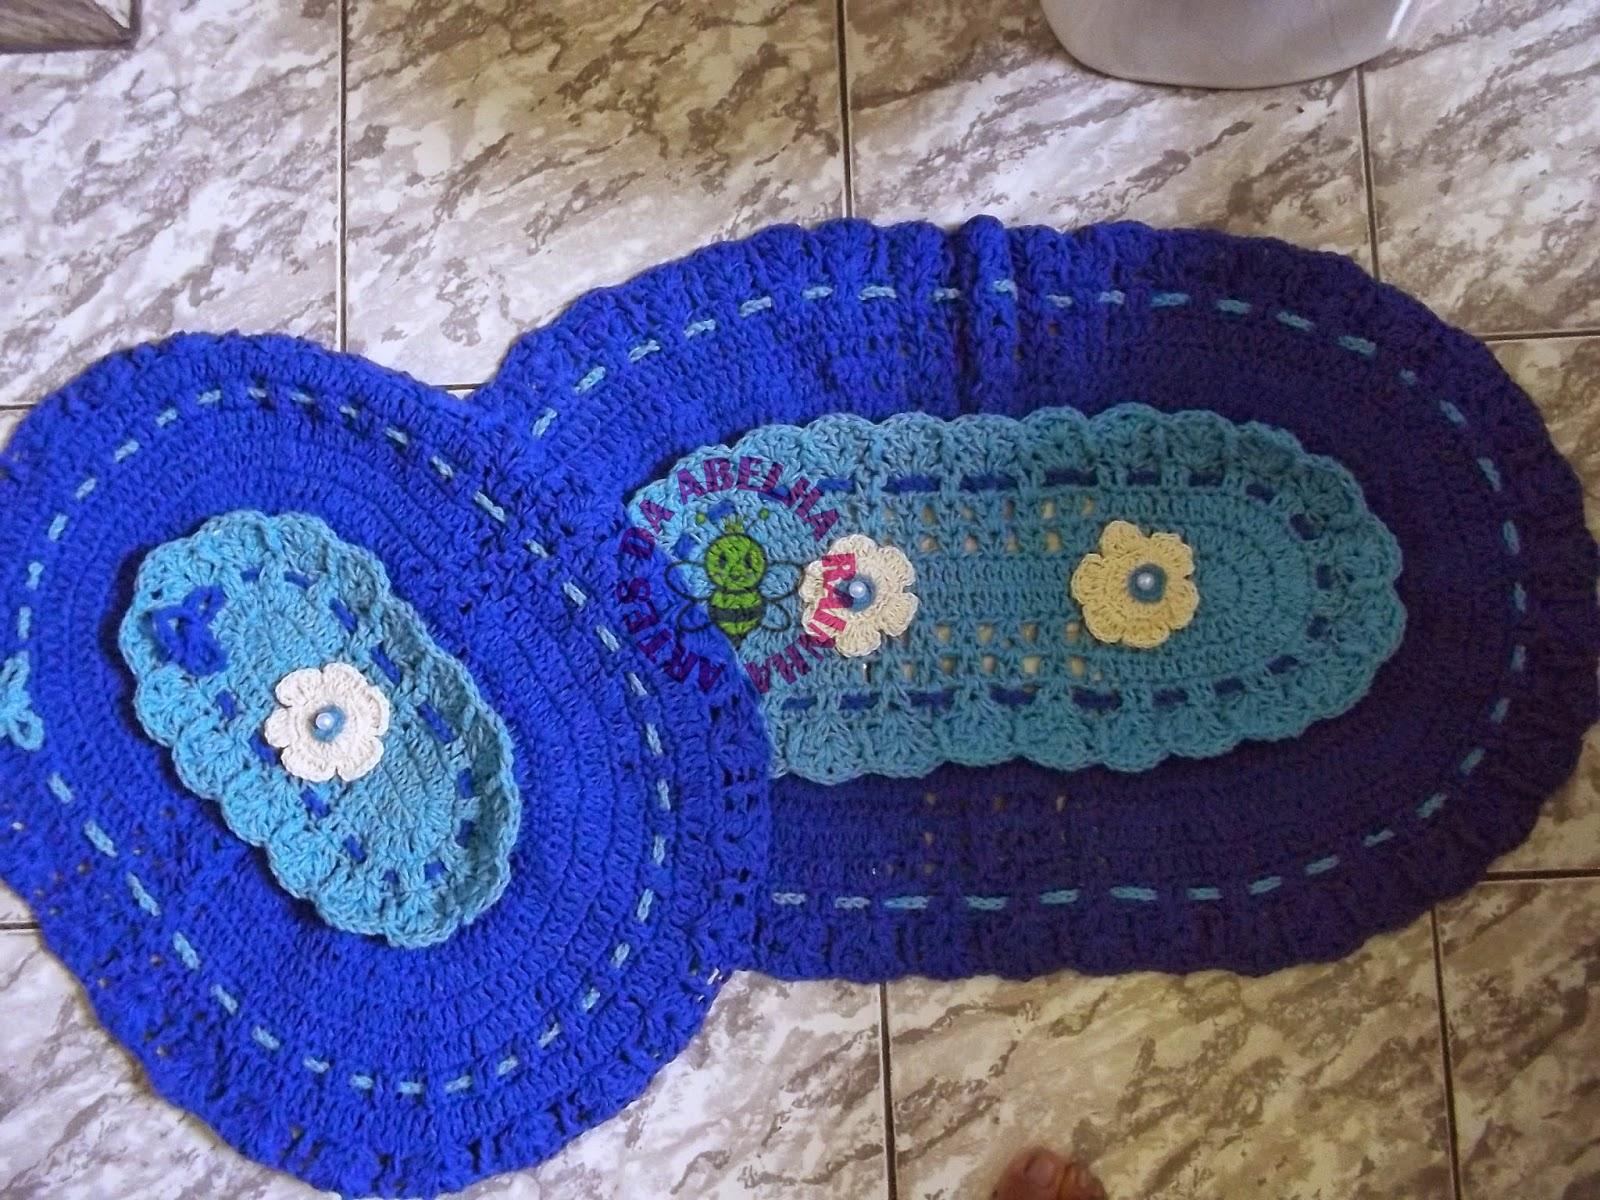 Artes da Abelha Rainha: Jogo de banheiro de crochê em barbante azul #1F33AC 1600x1200 Banheiro Com Luz Azul